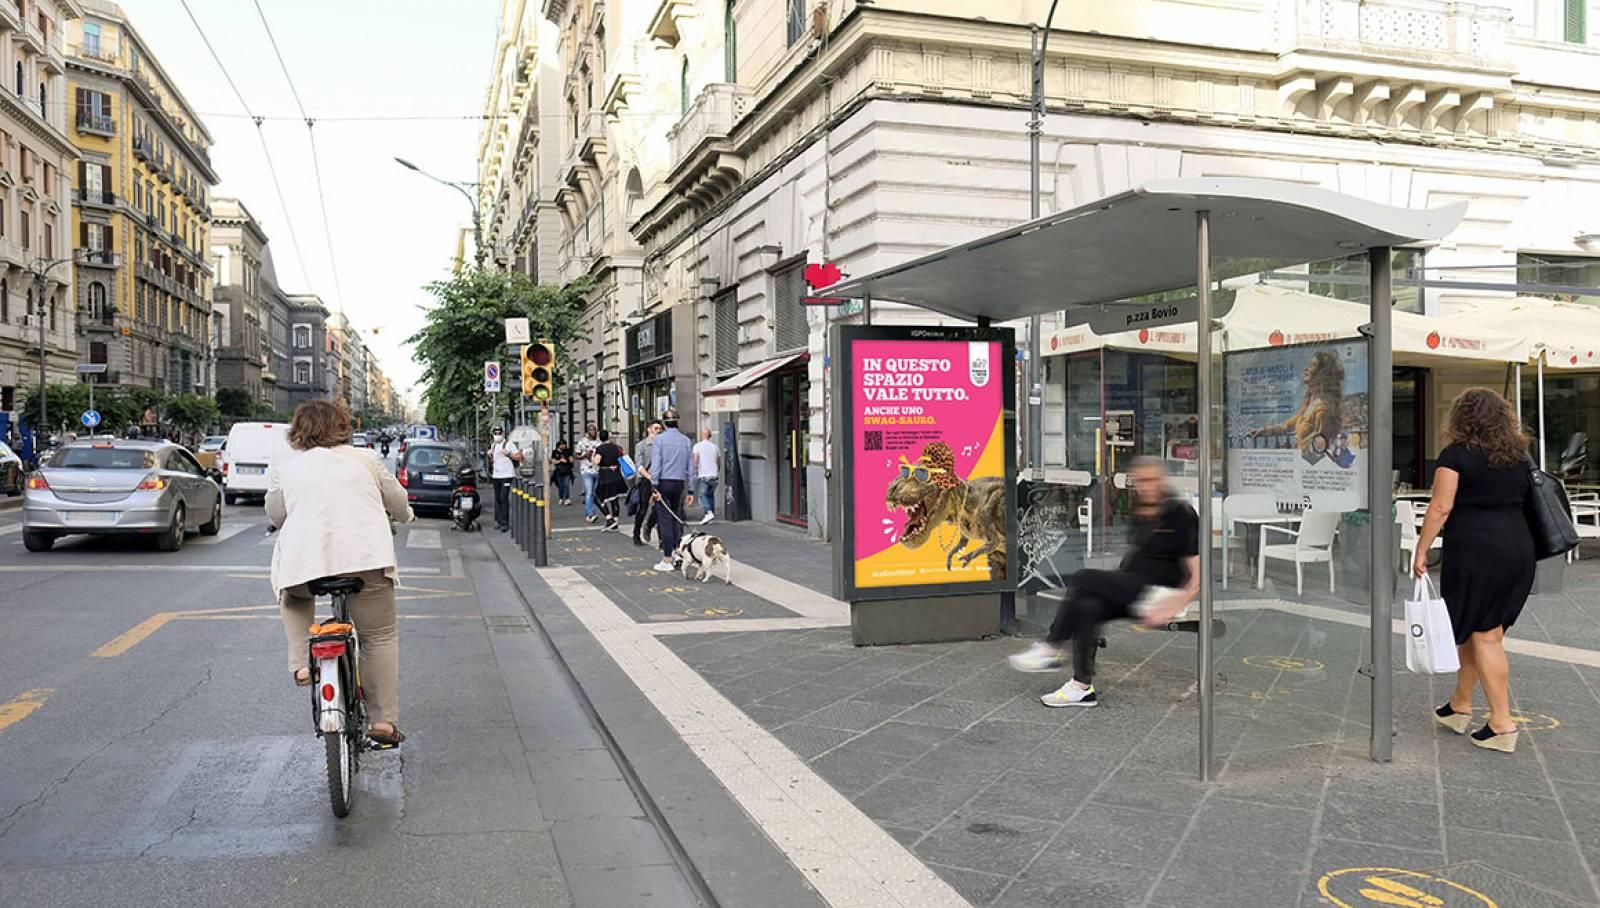 """IGPDecaux Clear Channel IPAS pubblicità per la città campagna """"In questo spazio vale tutto"""" pensilina a Napoli IGPDecaux"""